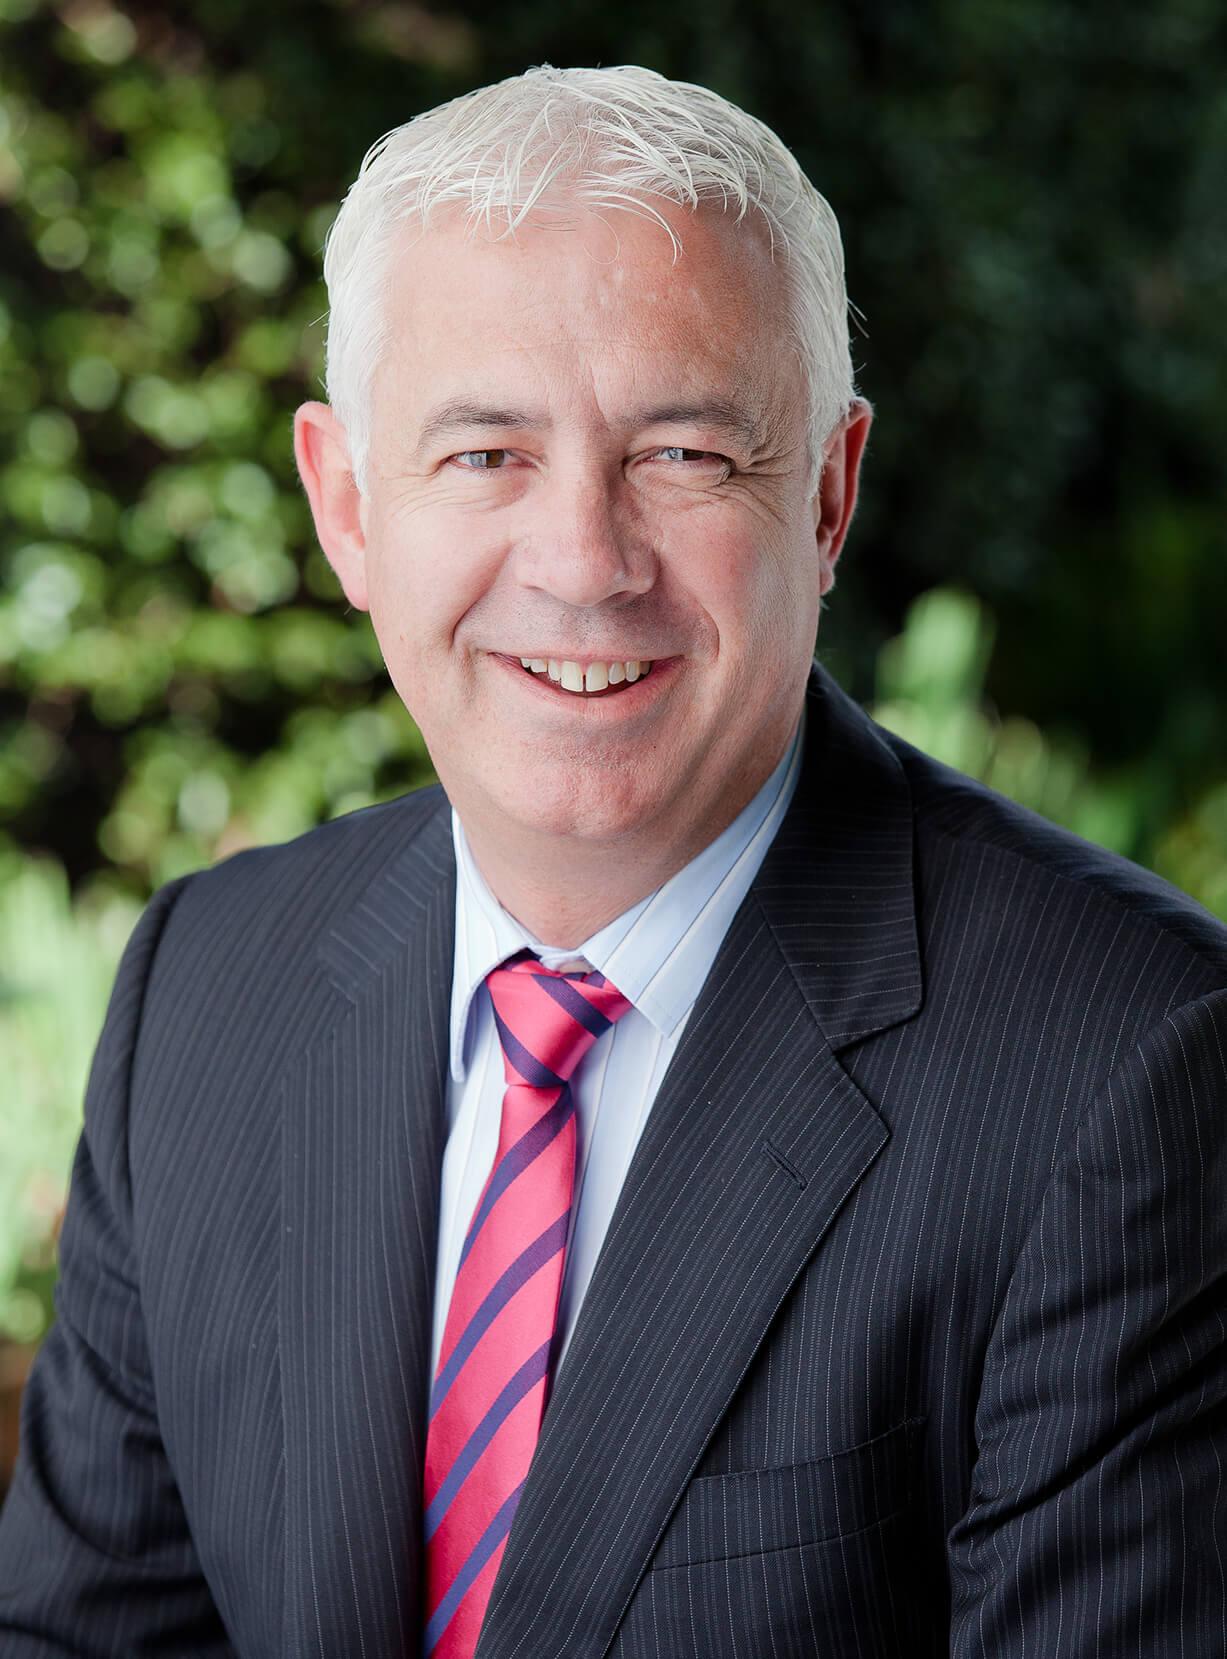 LinkedIn portrait photograph of Melbourne business person